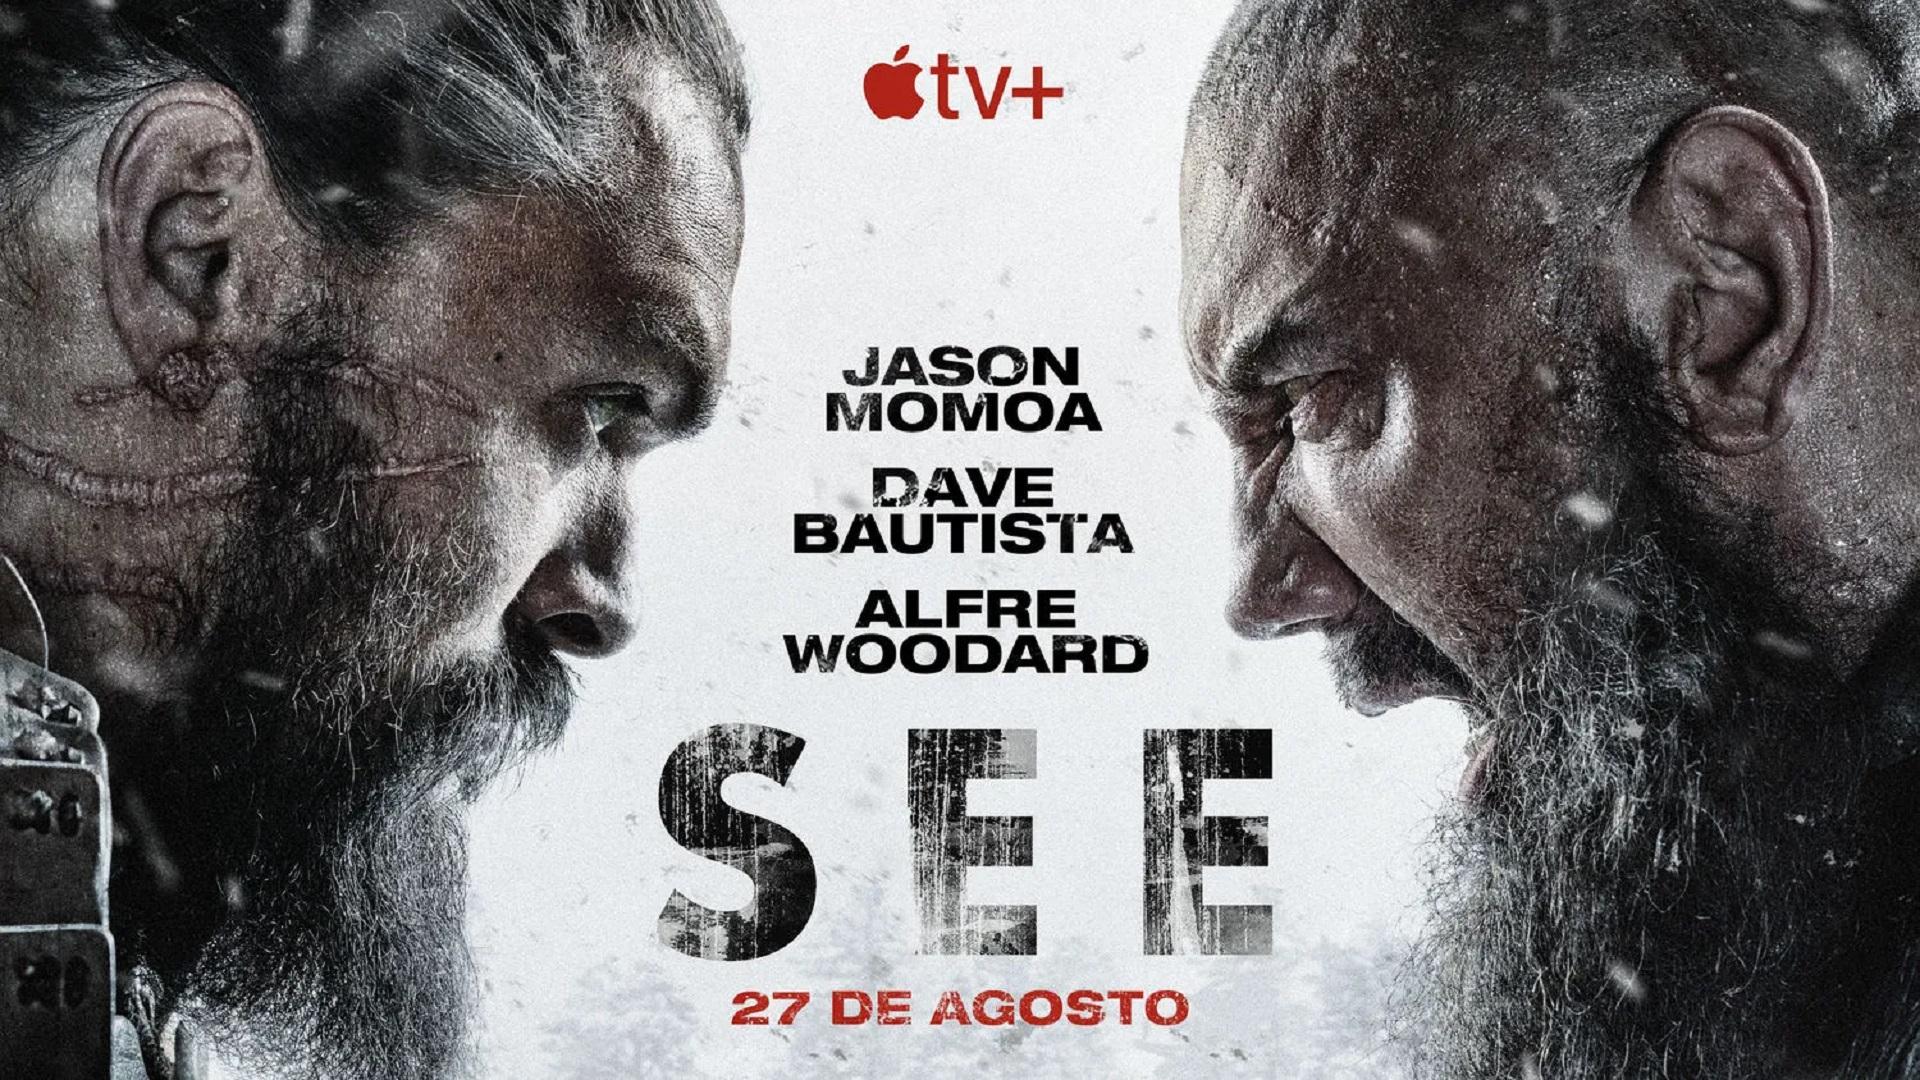 La temporada 2 de la serie See ya se puede ver en Apple TV Plus